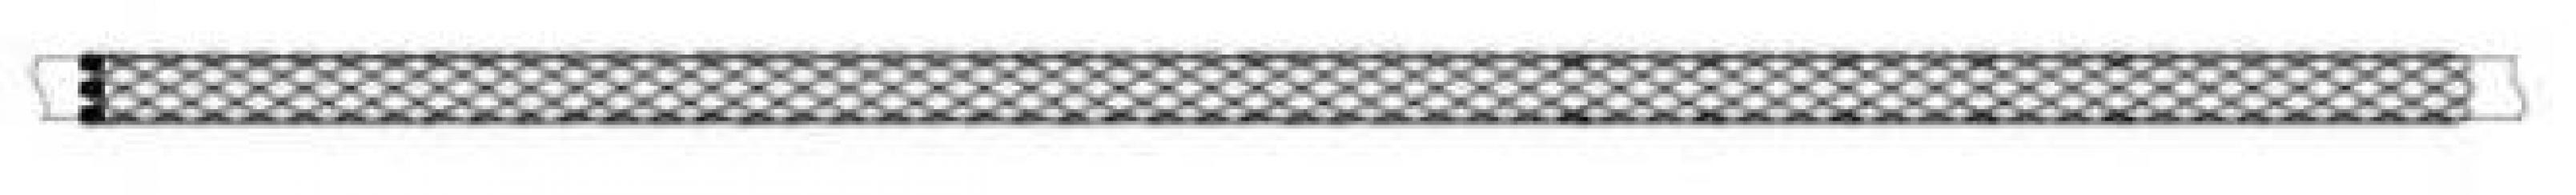 Кабельный чулок транзитный (соединительный) КЧТ50